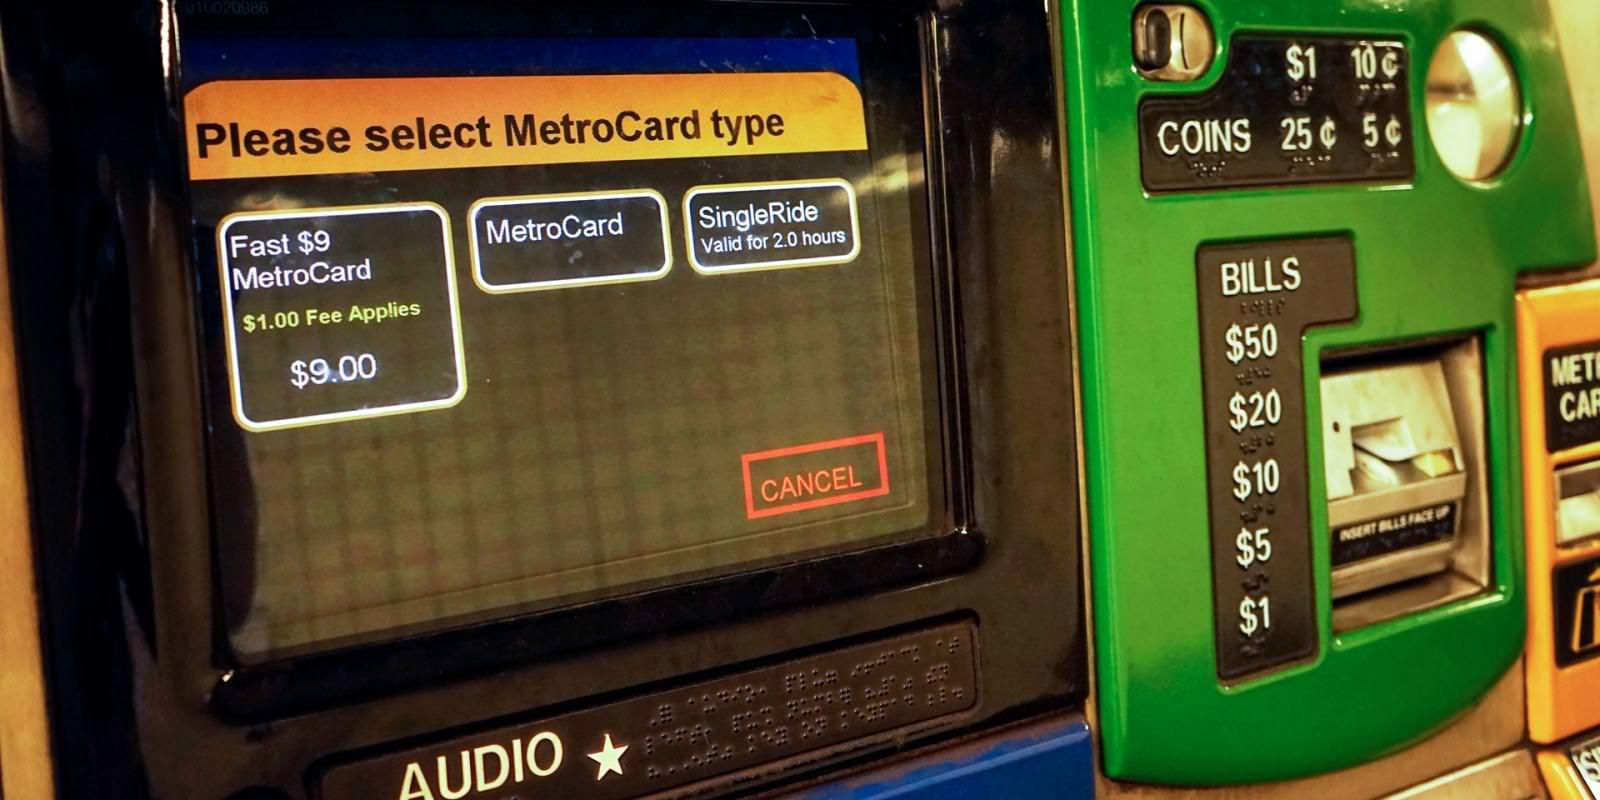 【チケット販売機】MetroCardの種類を選択